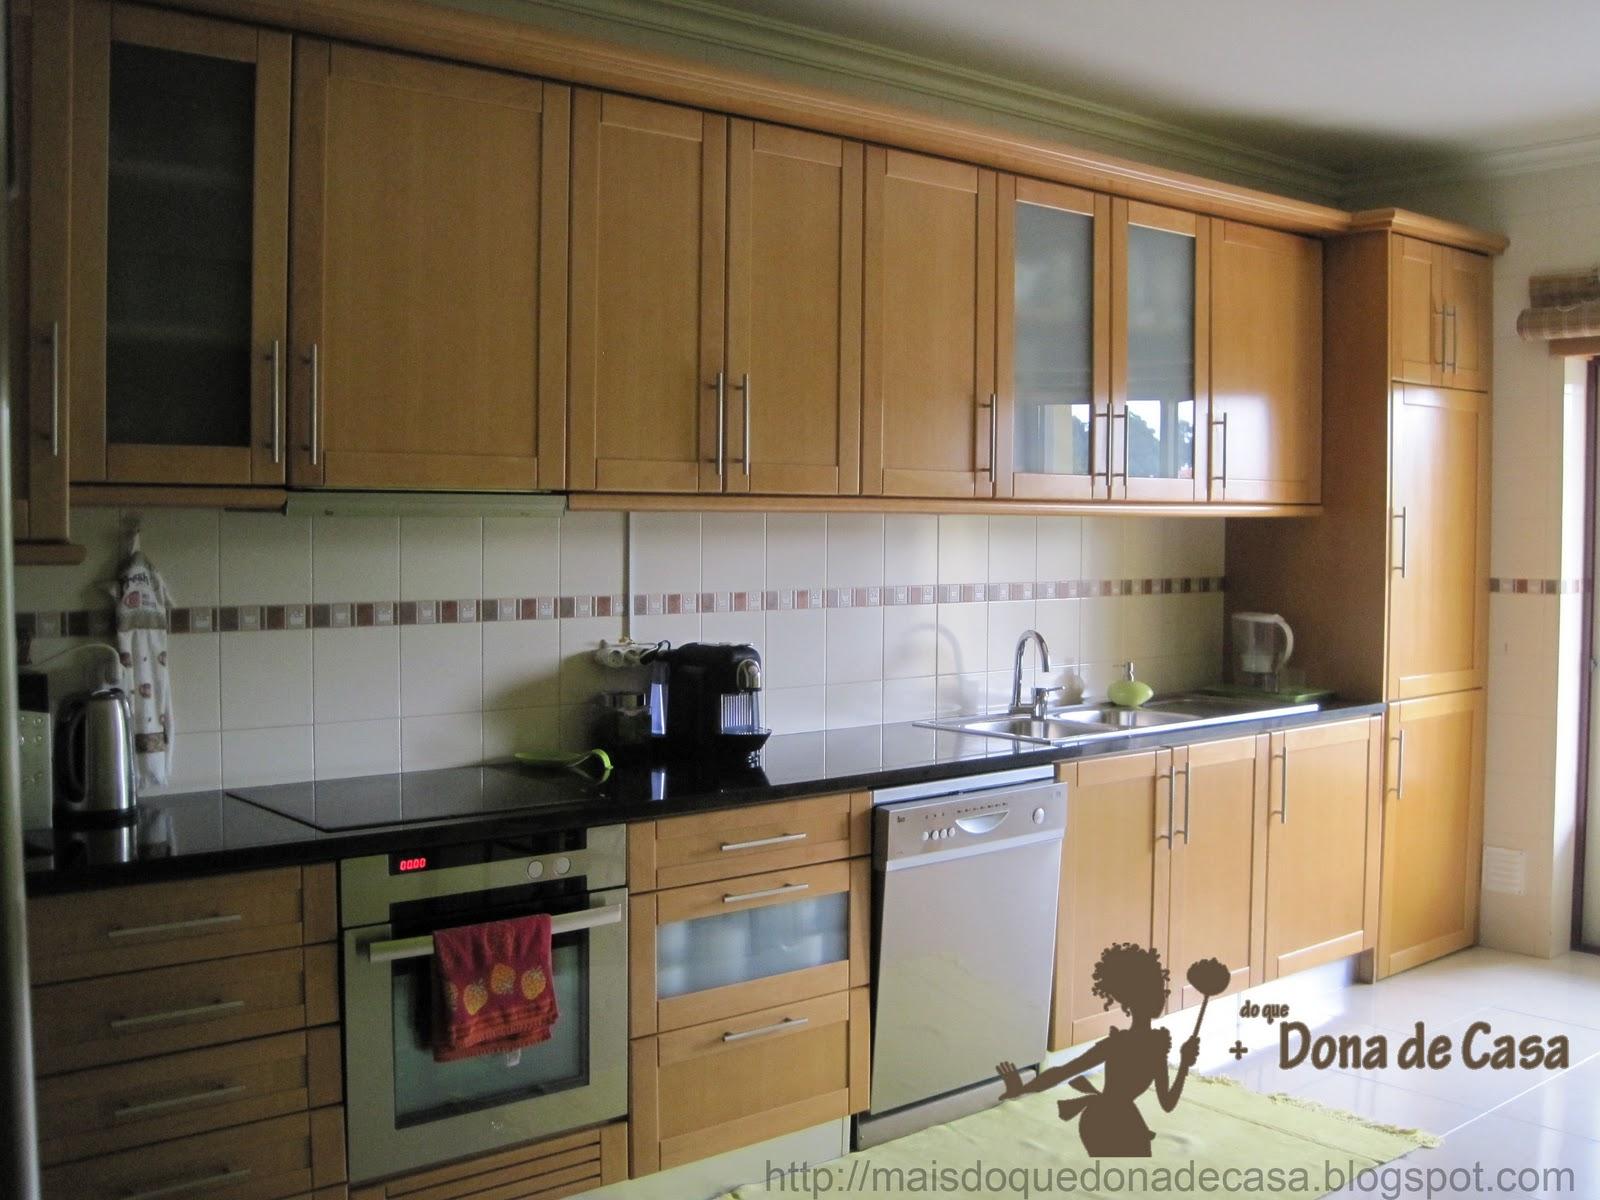 Muito Economia doméstica: Cozinha I - Limpeza bancada e louça DK96